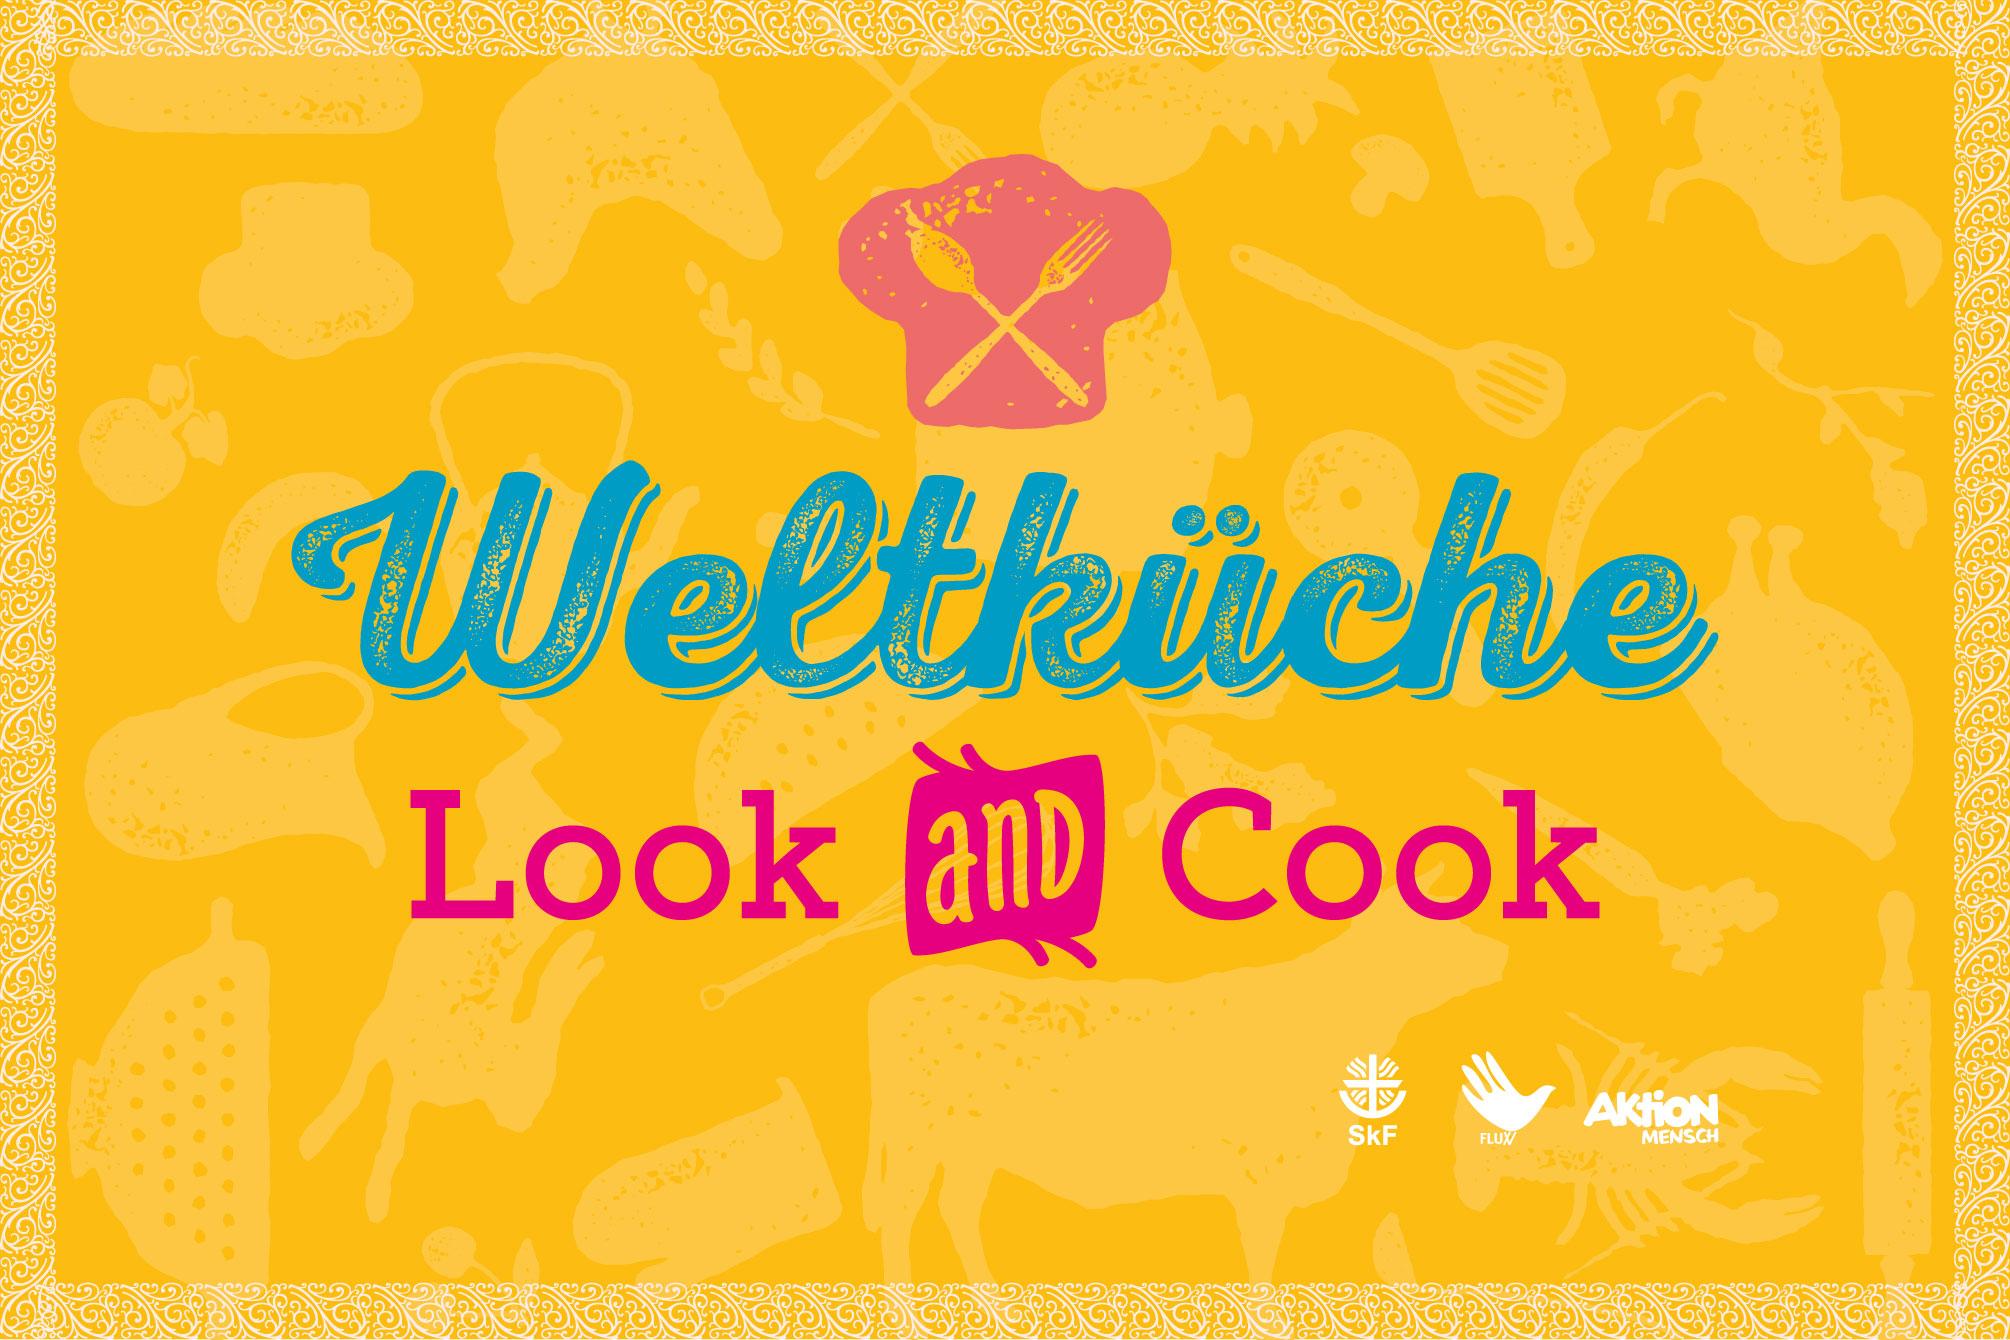 Weltkueche_Look and Cook